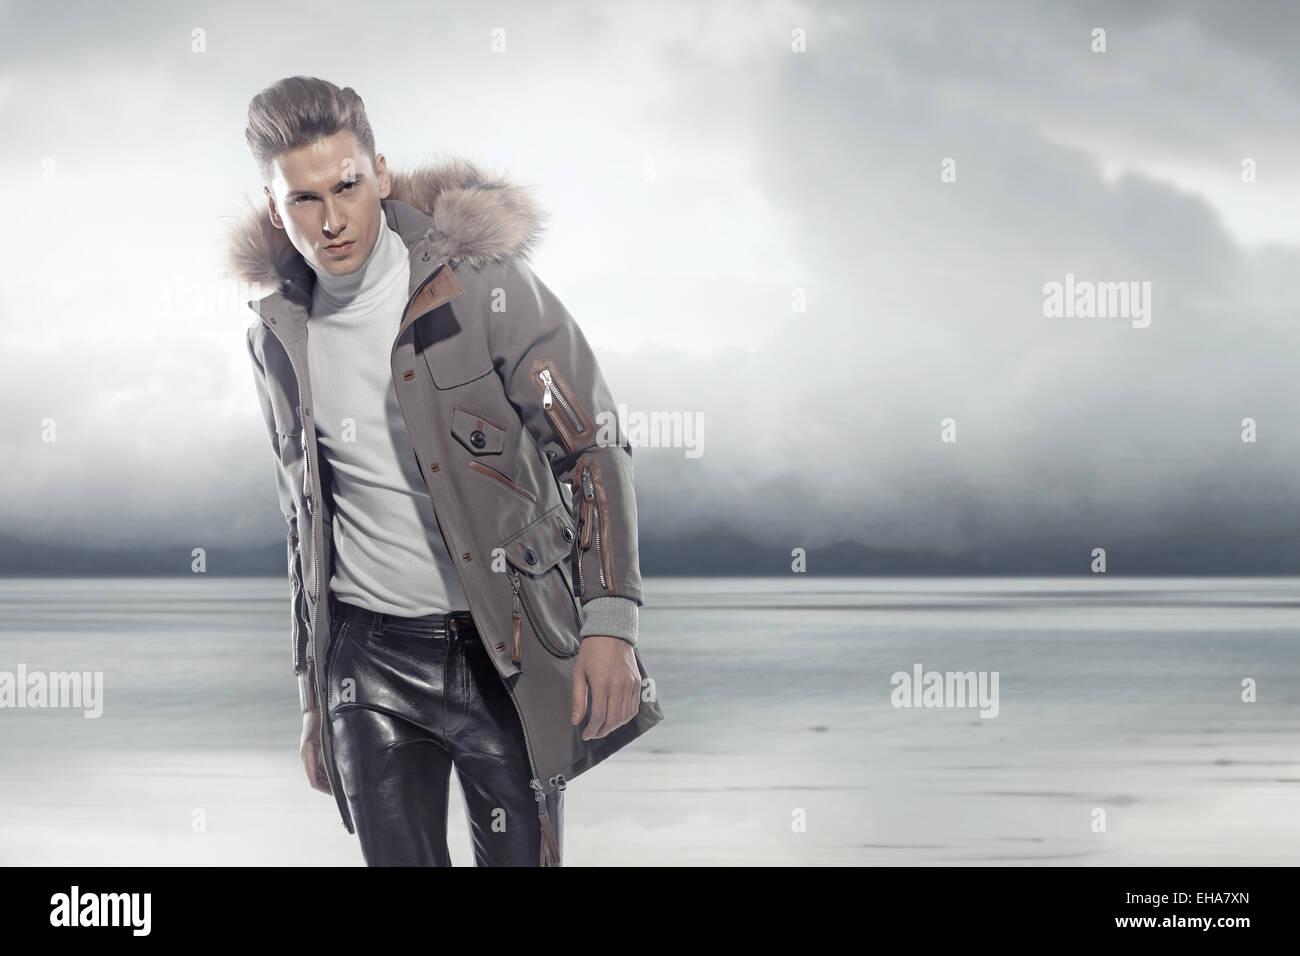 Elegante uomo a camminare nel gelido inverno Immagini Stock